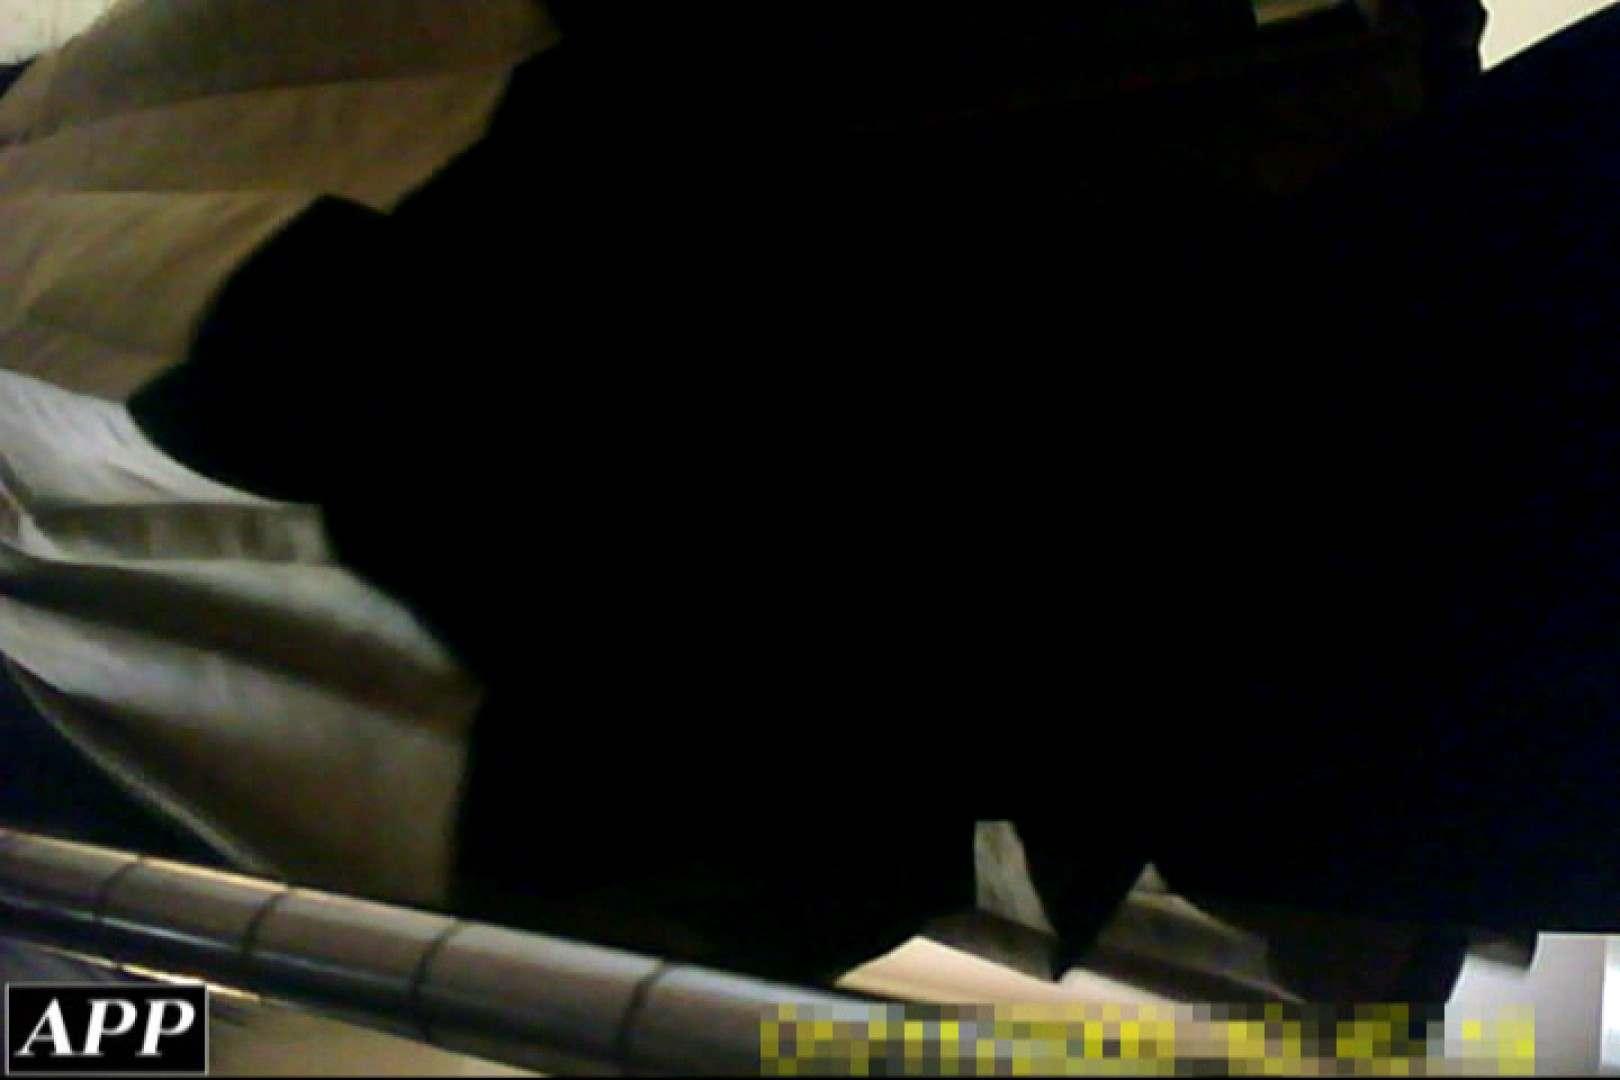 3視点洗面所 vol.024 美しいOLの裸体 | 洗面所突入  72pic 19